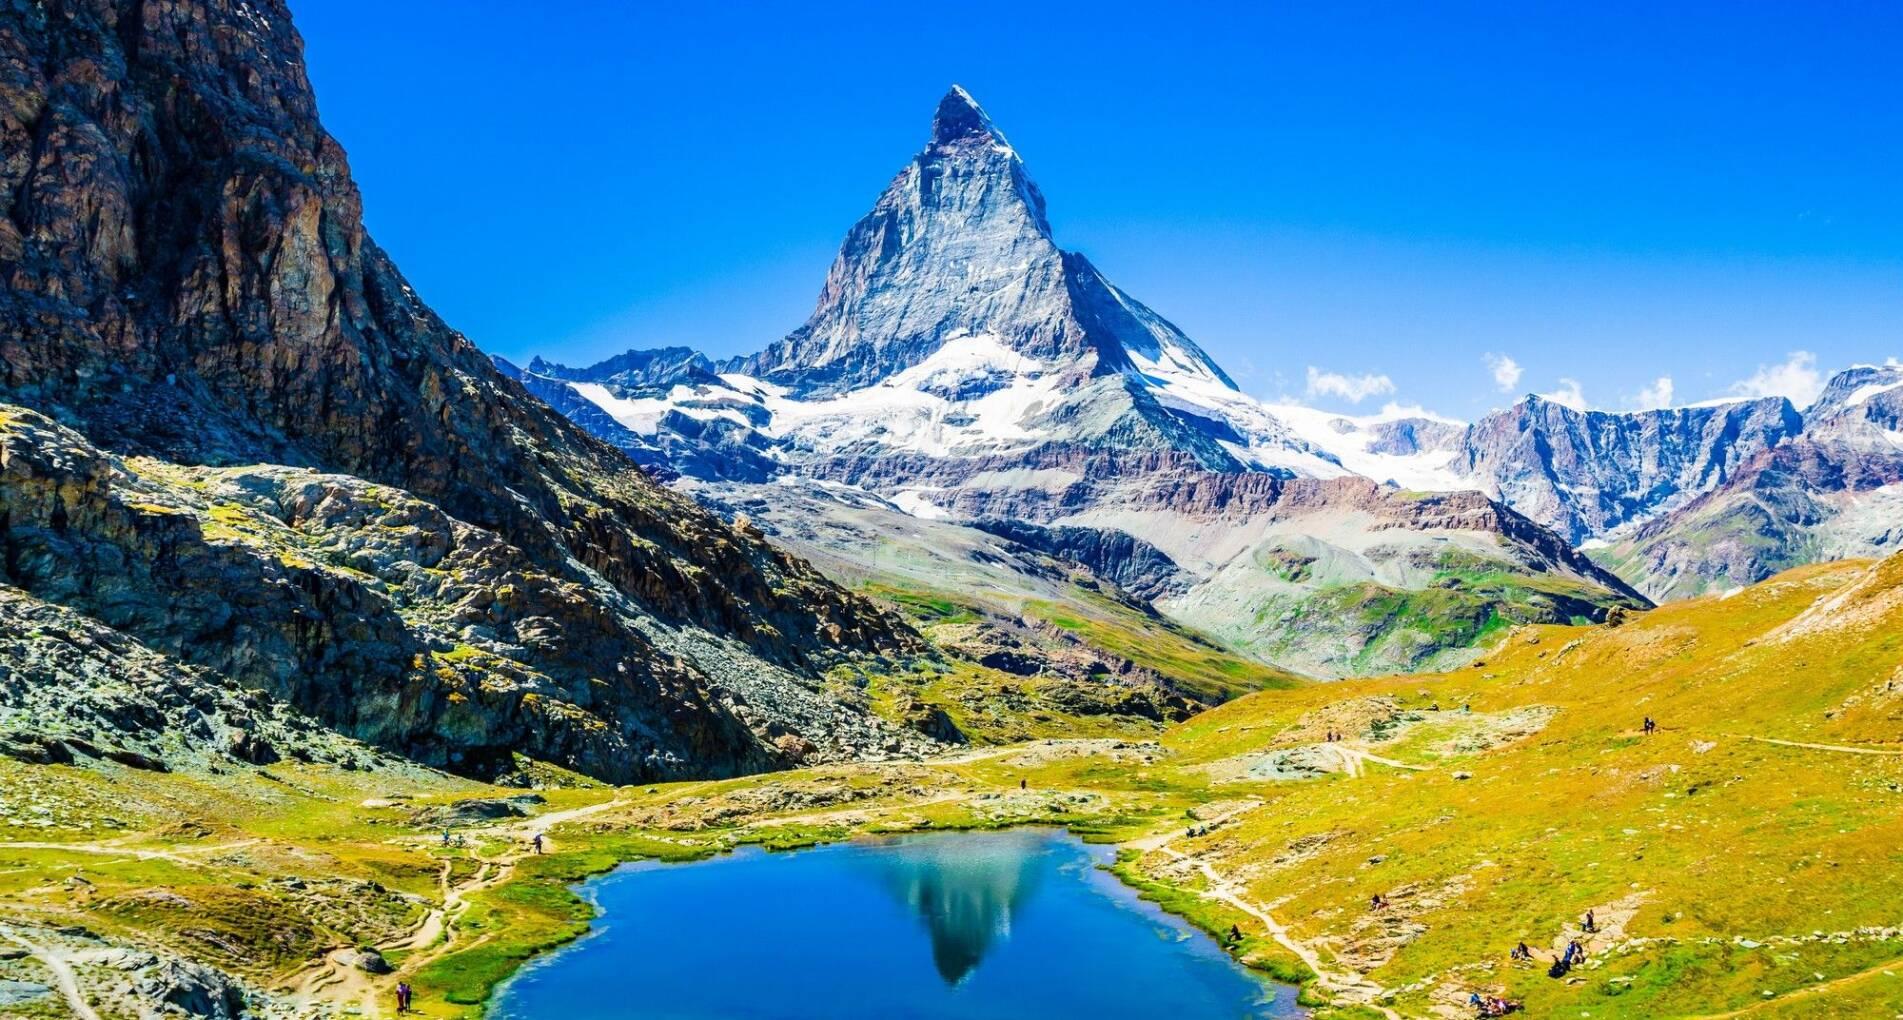 Bergwandelen in de Zwitserse Alpen, Saastal - Zwitserland - 1